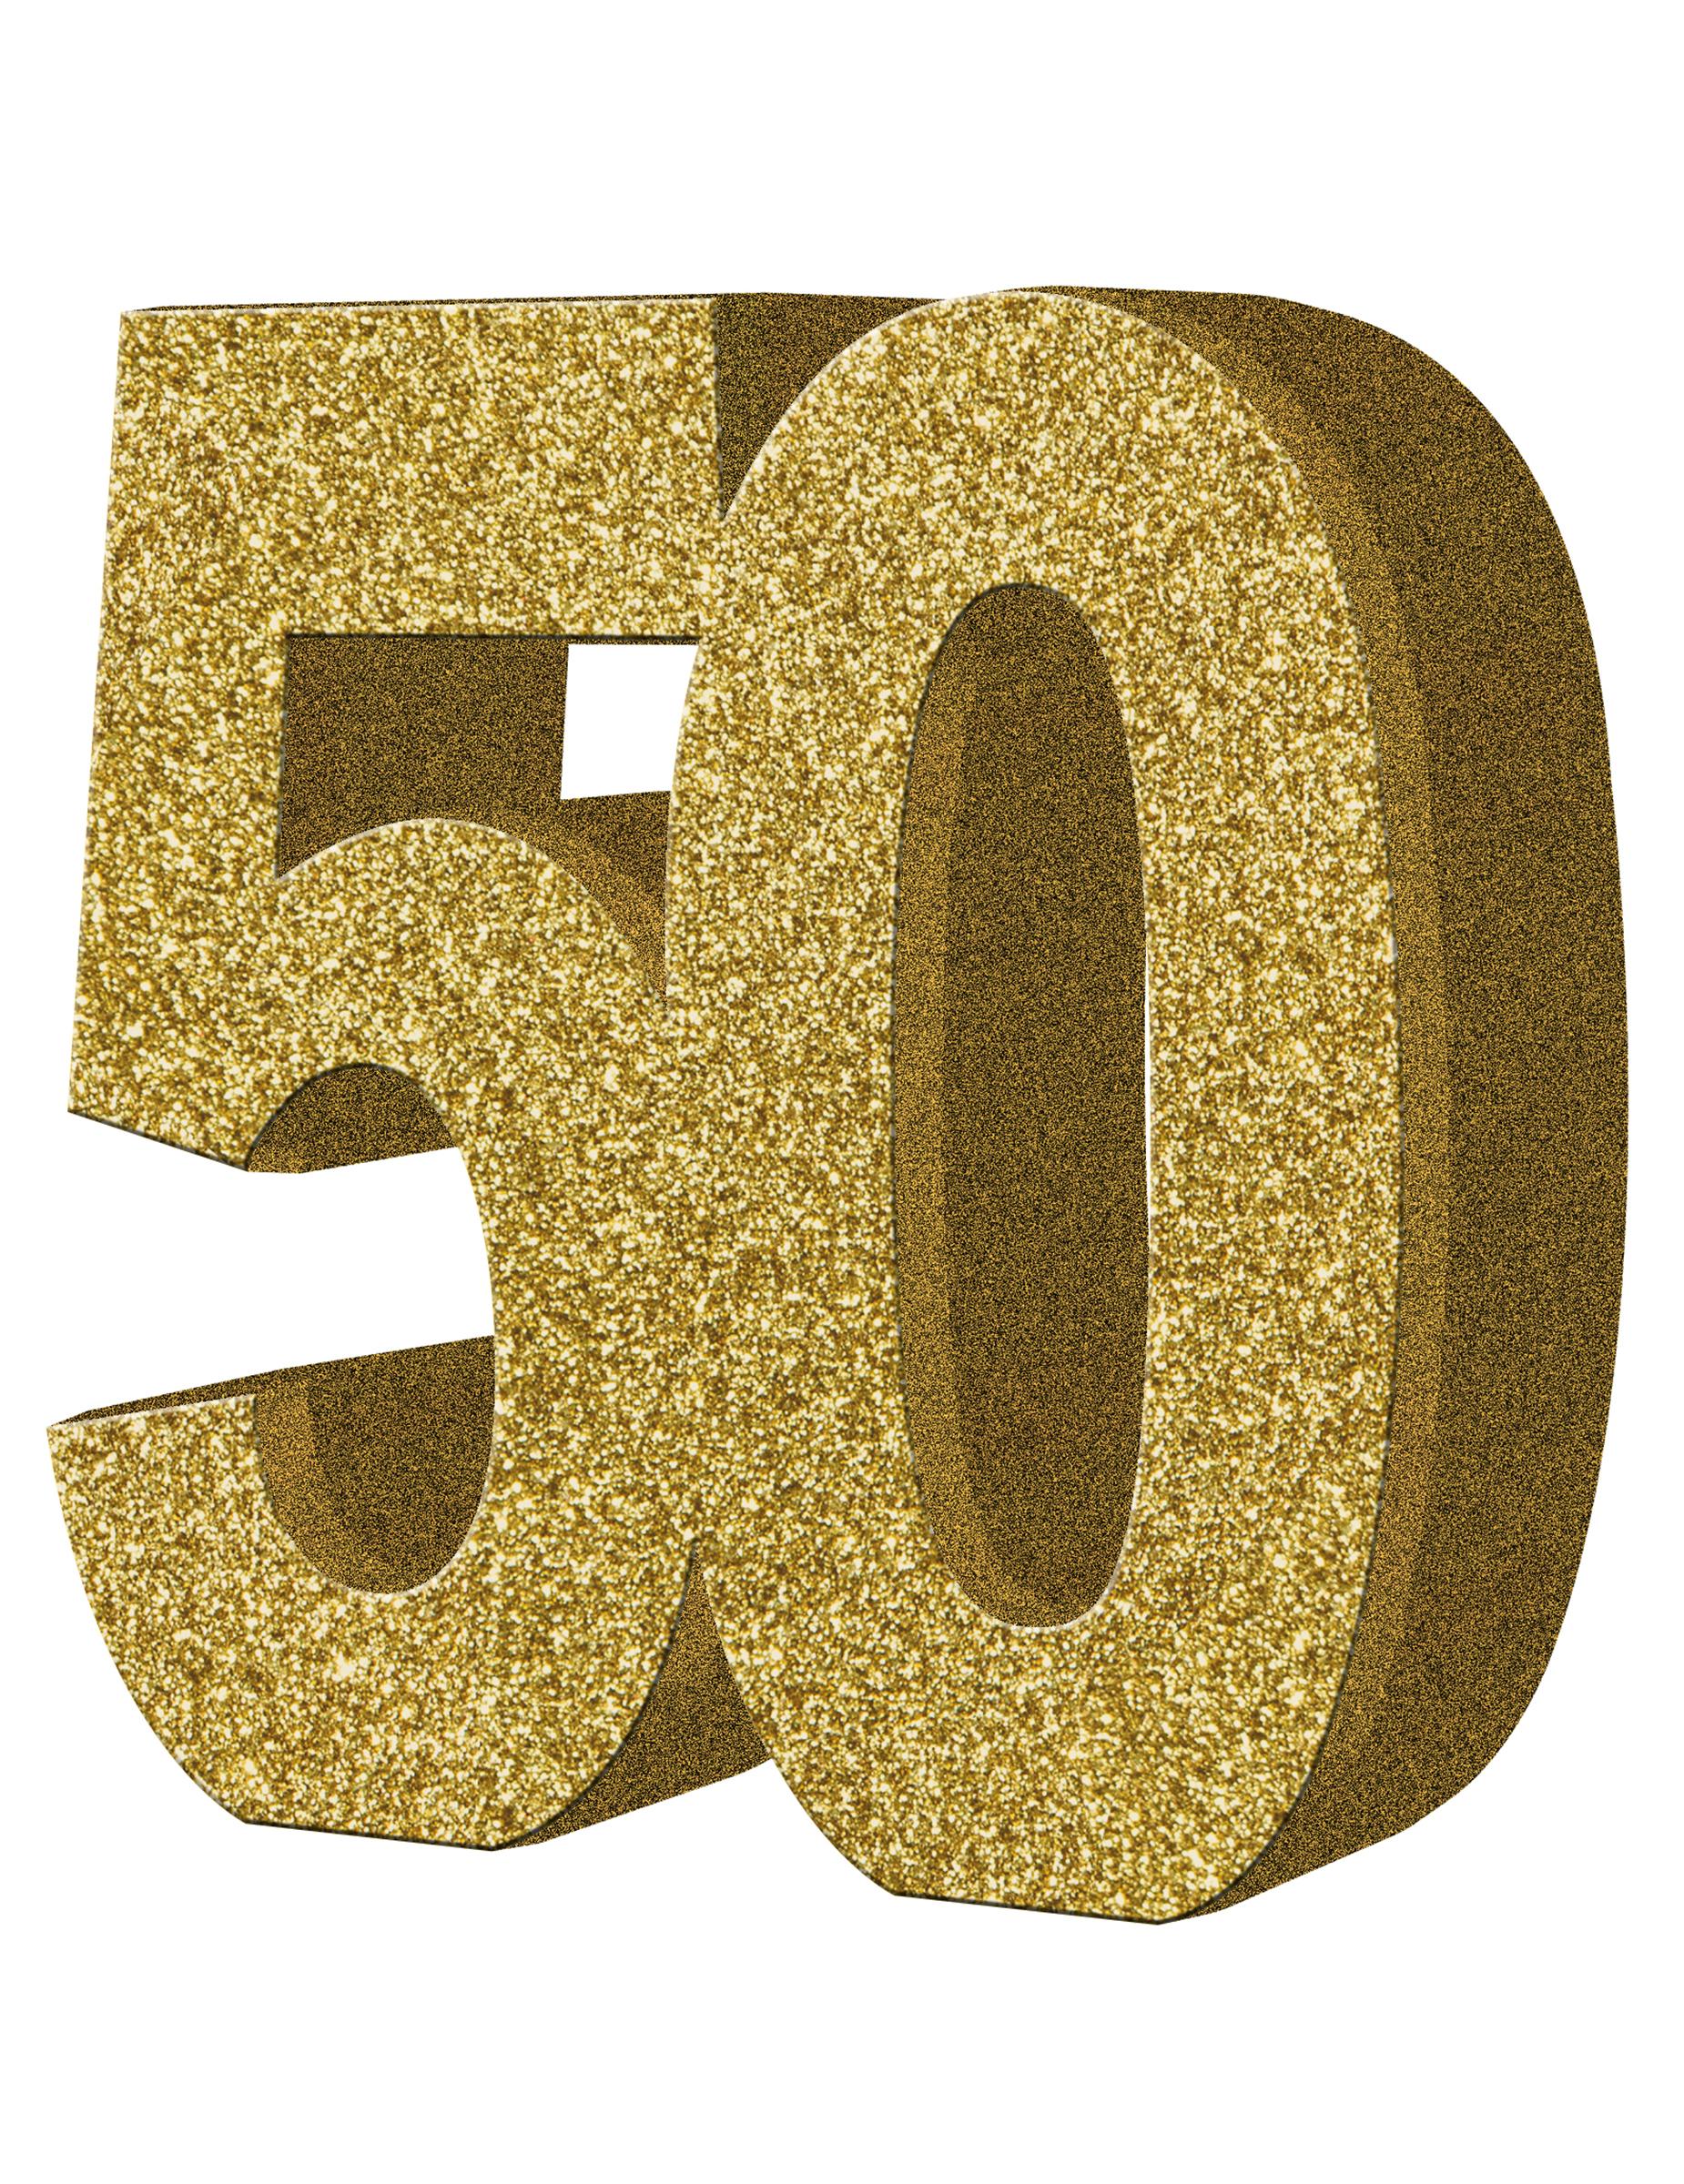 D coration de table 50 ans or 20 x 20 cm d coration for Decoration 50 ans